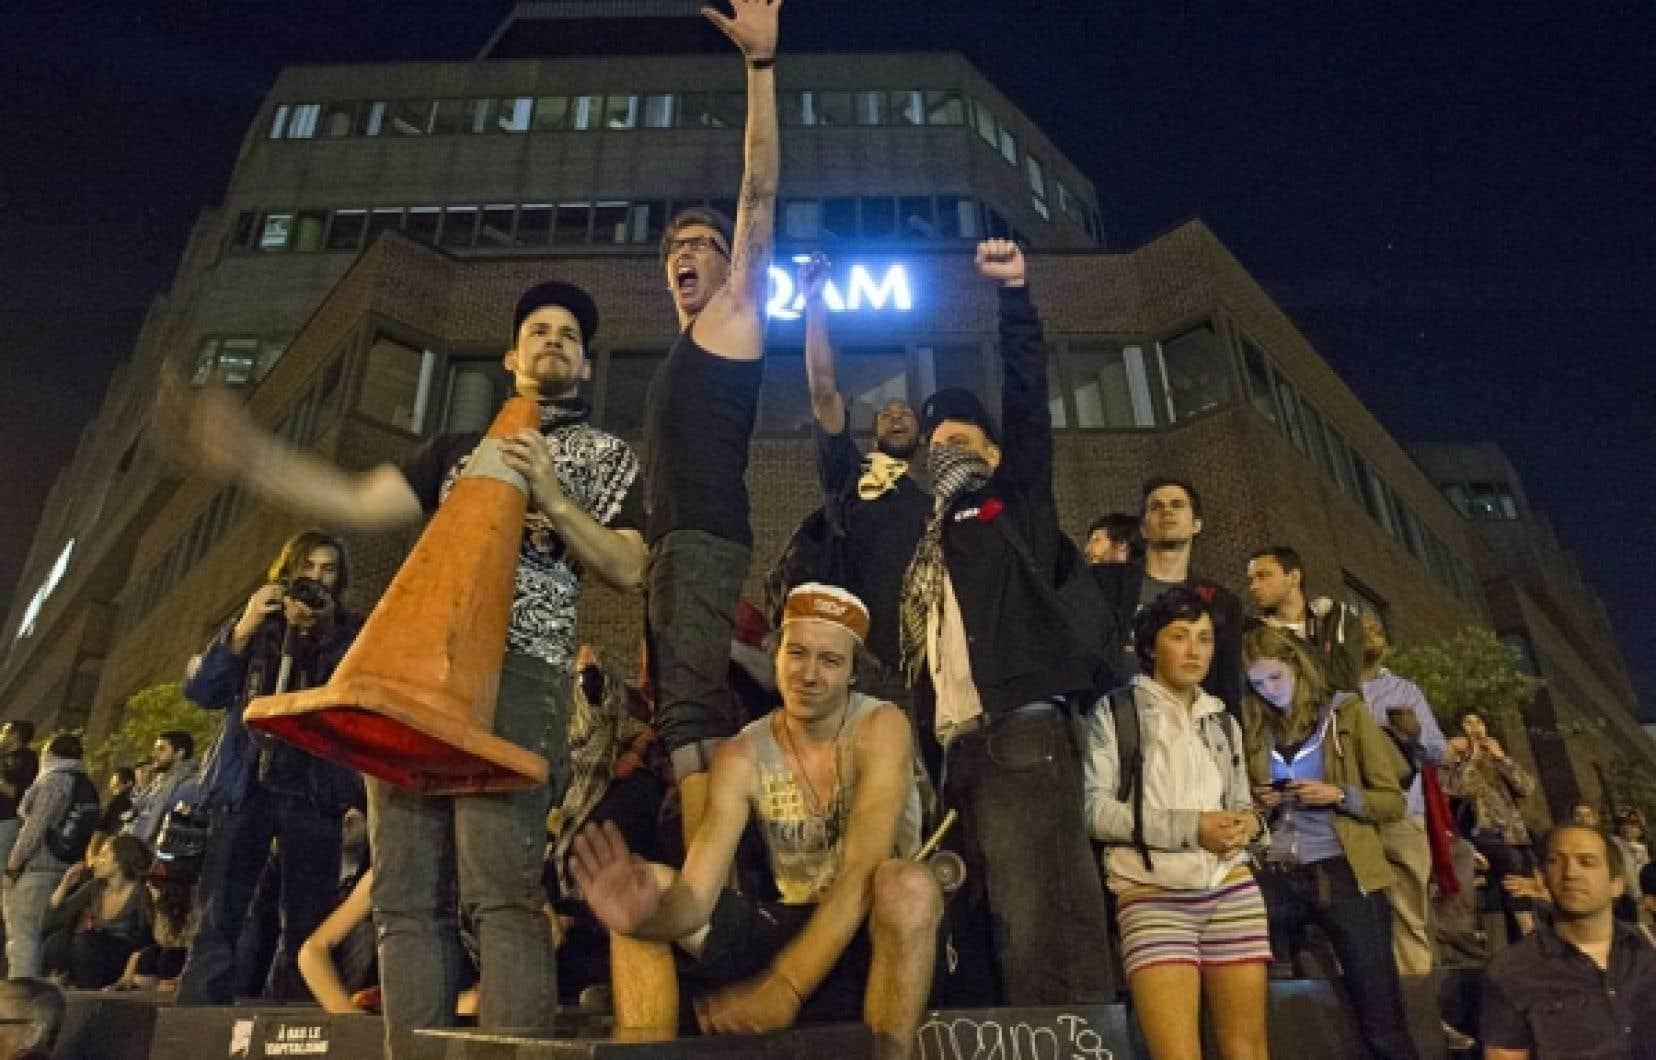 Pour une 27e soirée consécutive hier, plus d'un millier de citoyens ont marché dans les rues du centre-ville pour dénoncer à la fois la hausse des droits de scolarité et l'adoption de la loi 78.